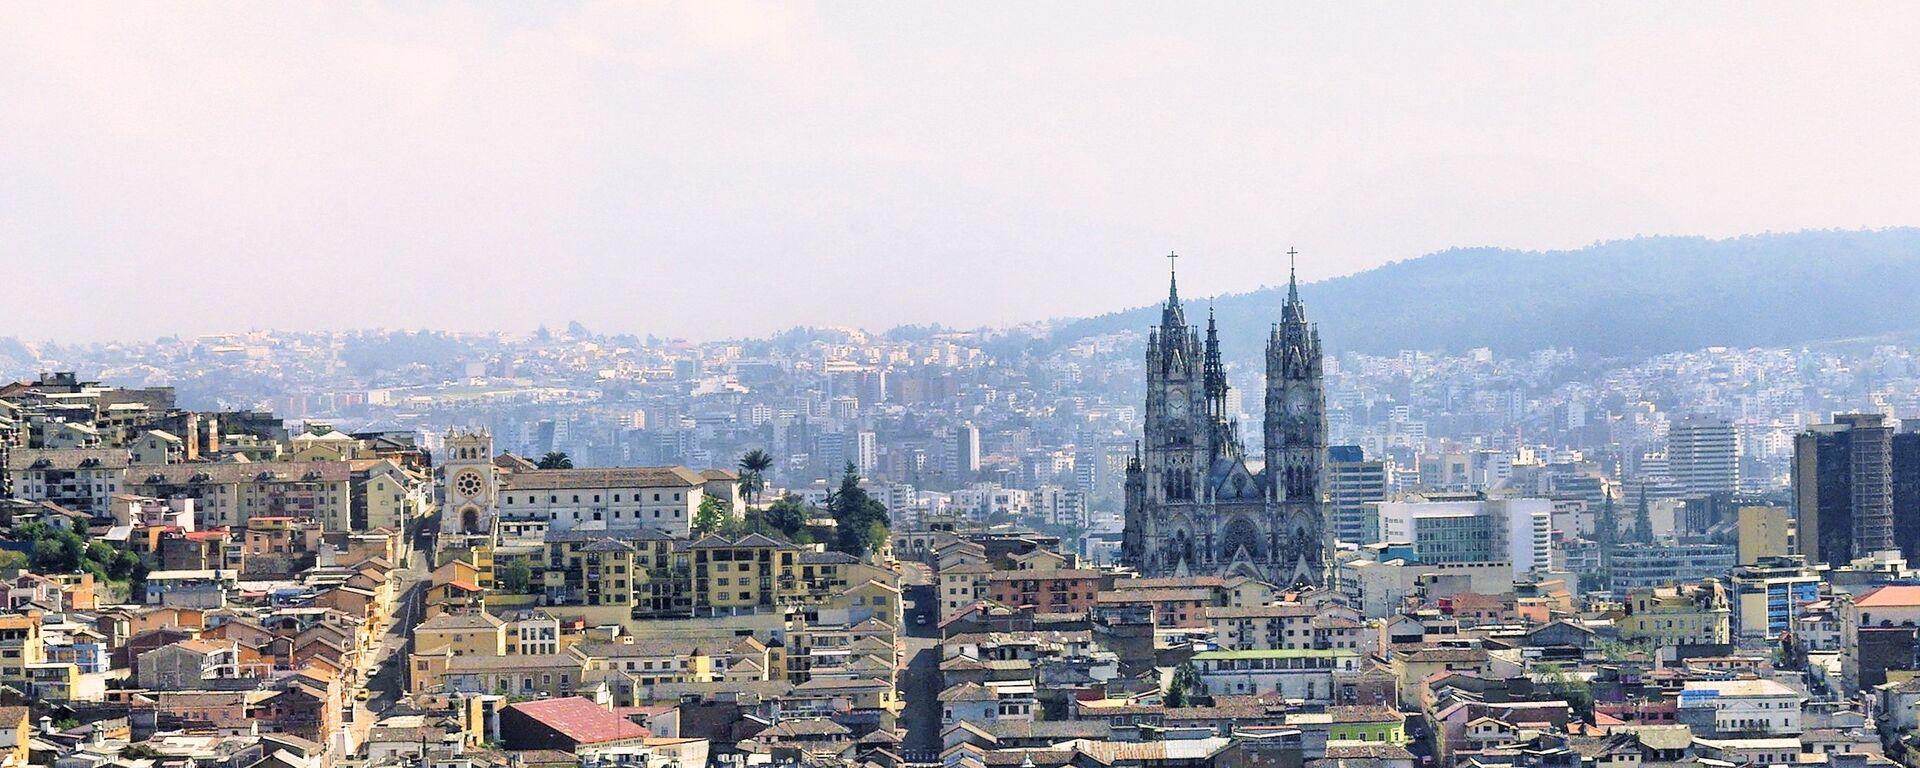 Quito, la capital de Ecuador - Sputnik Mundo, 1920, 01.06.2021